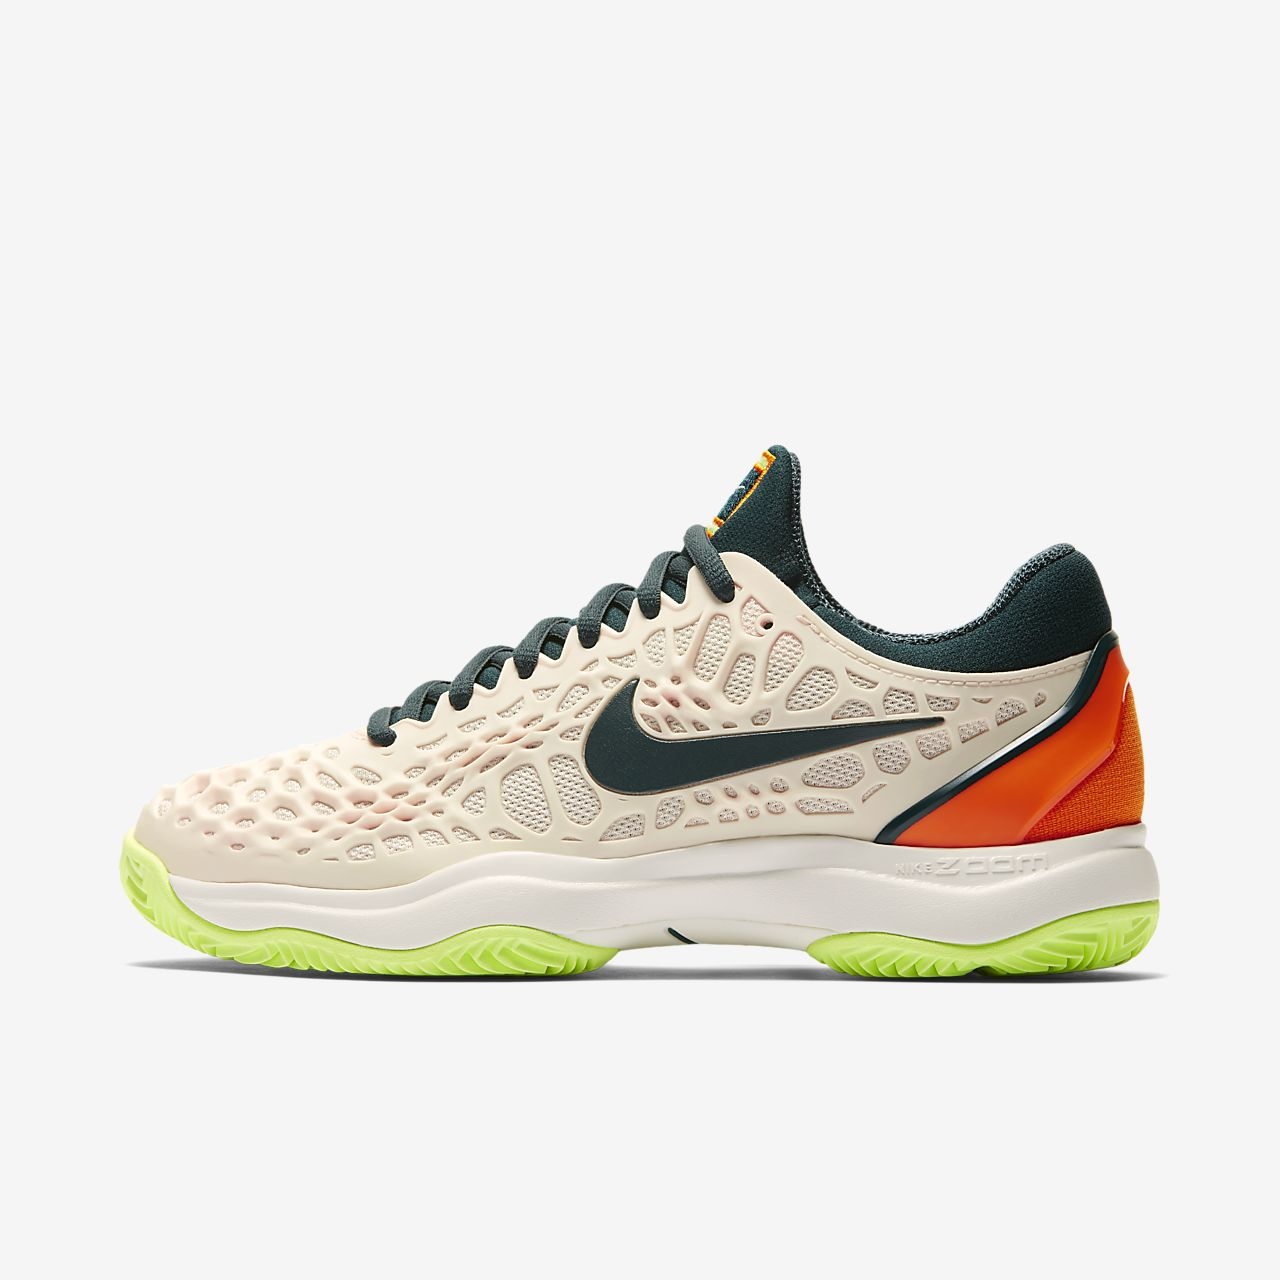 Женские теннисные кроссовки Nike Zoom Cage 3 Clay. Nike.com RU 6785fb172c7a8